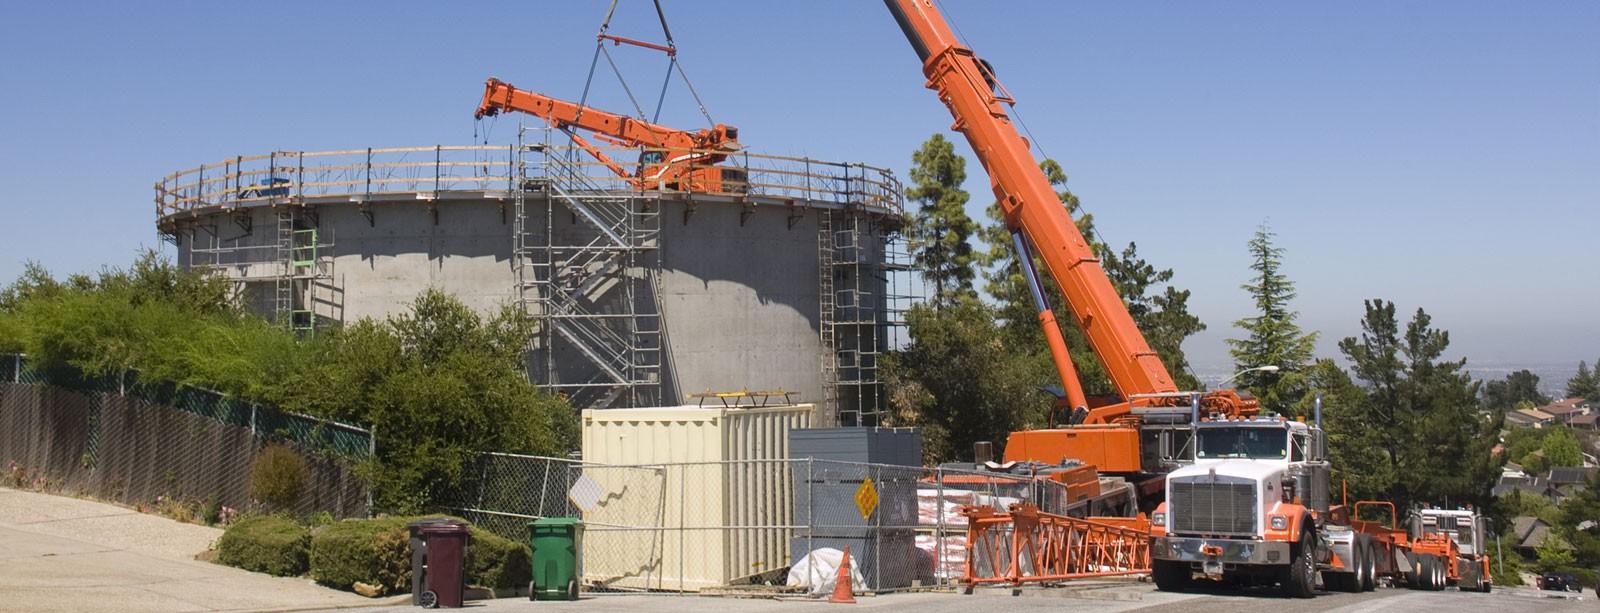 a crane lifting material